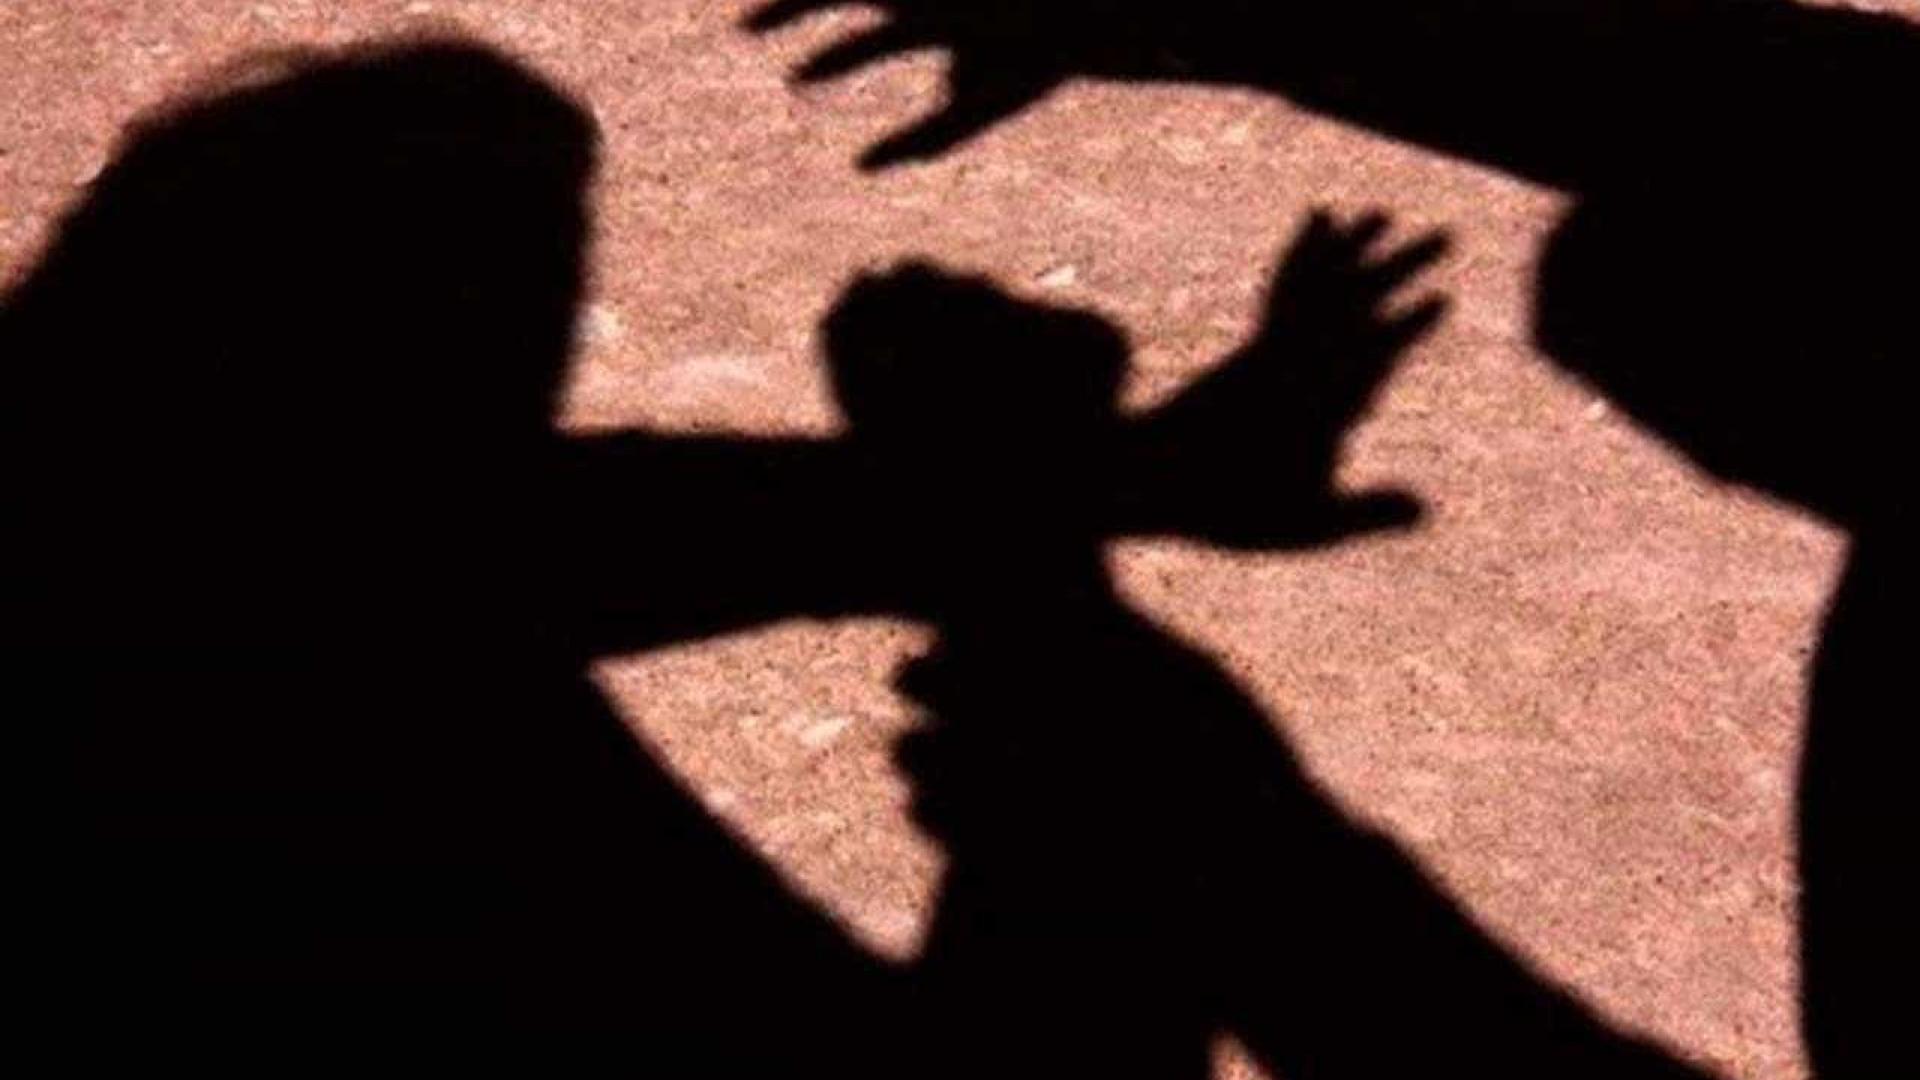 Fisioterapeuta e professor preso por estuprar 2 crianças e 3 jovens